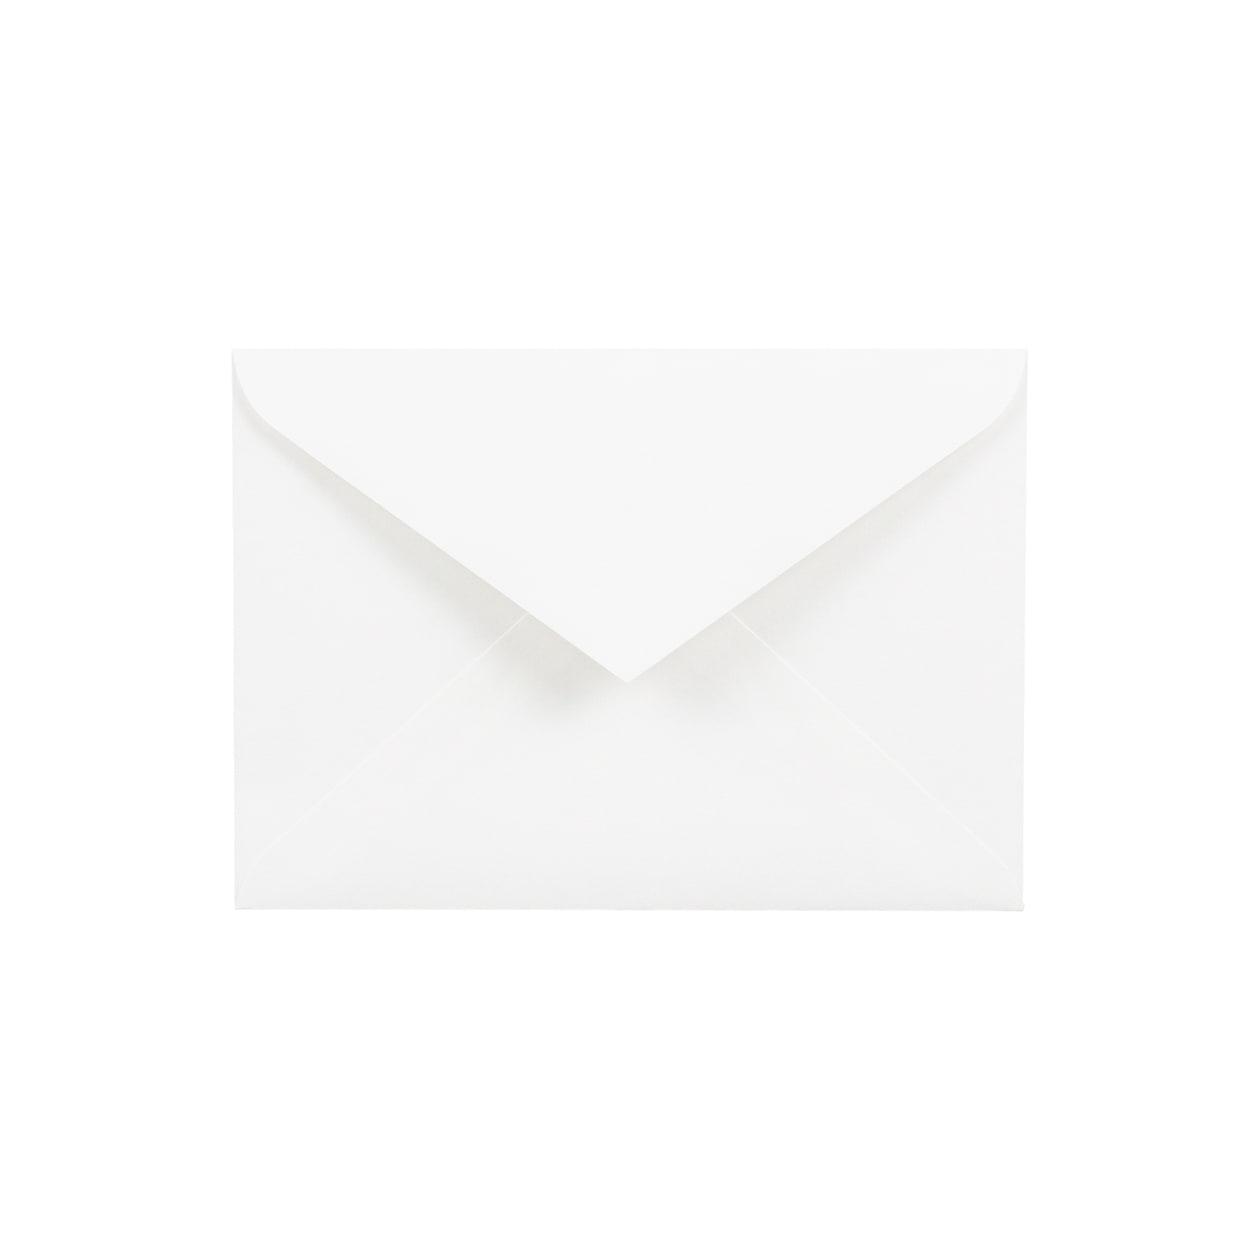 洋2ダイア封筒 HAGURUMA Basic プレインホワイト 100g